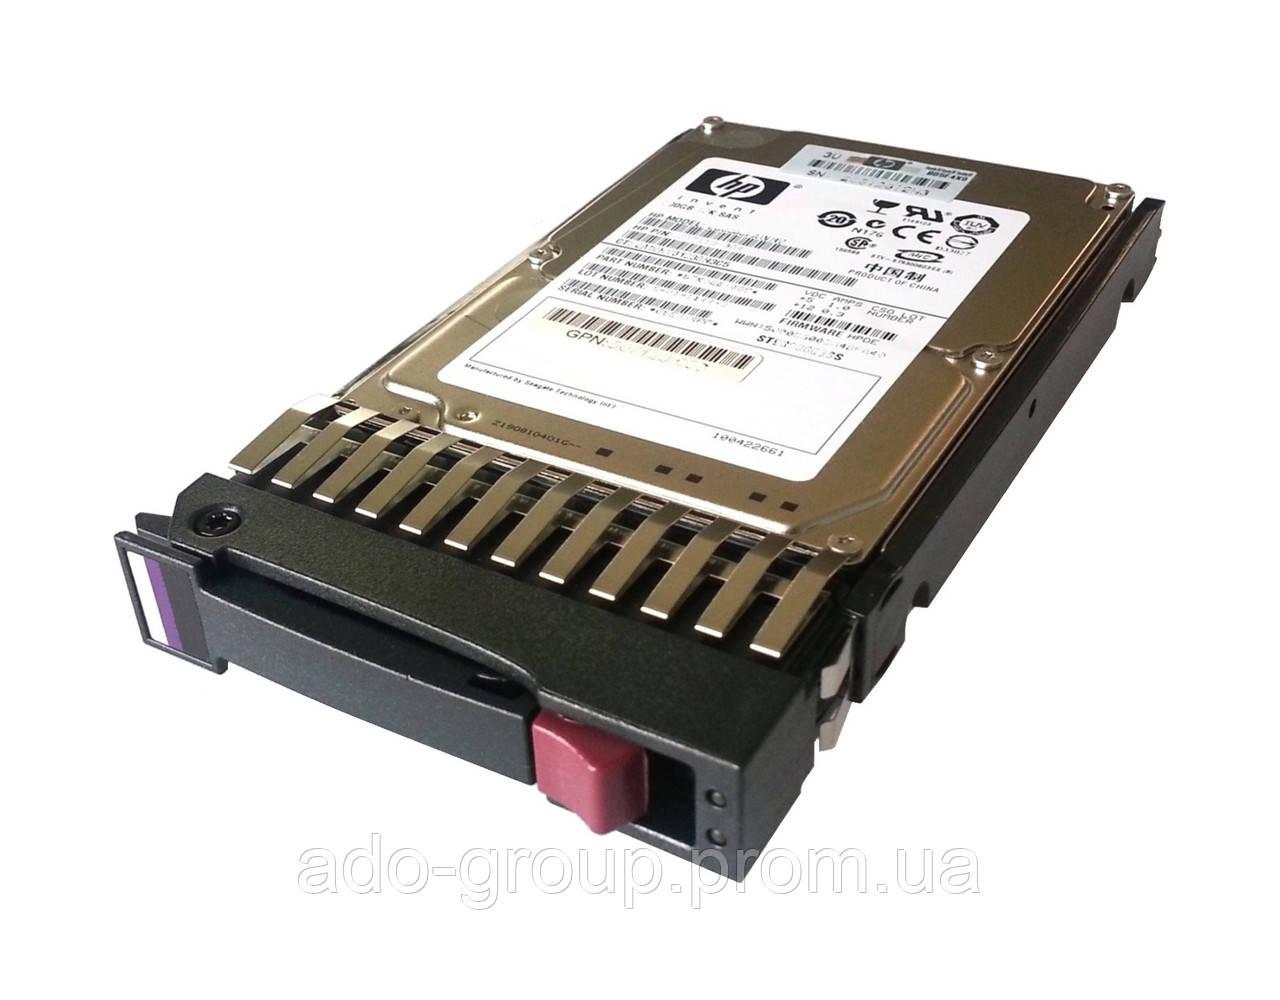 """666355-004 Жесткий диск HP 900GB SAS 10K 6G DP 2.5"""""""